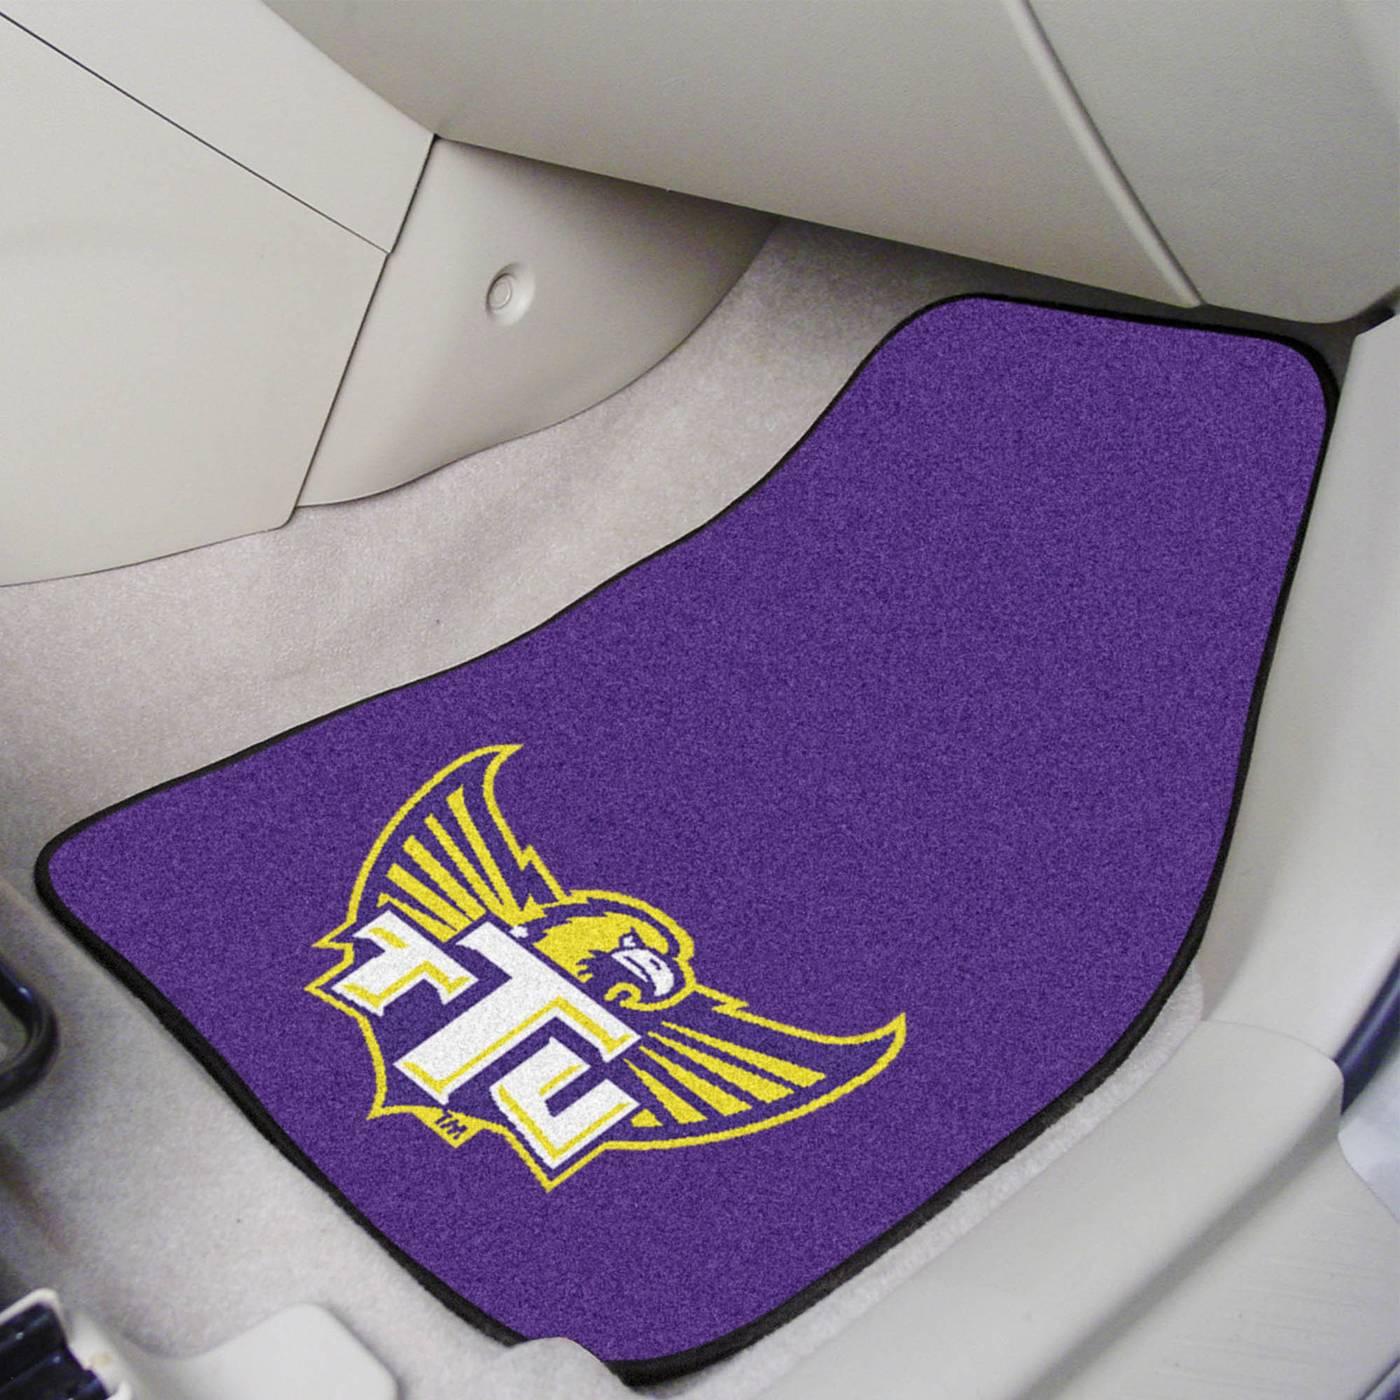 Tennessee Tech Golden Eagles 2 Piece Carpet Car Mats